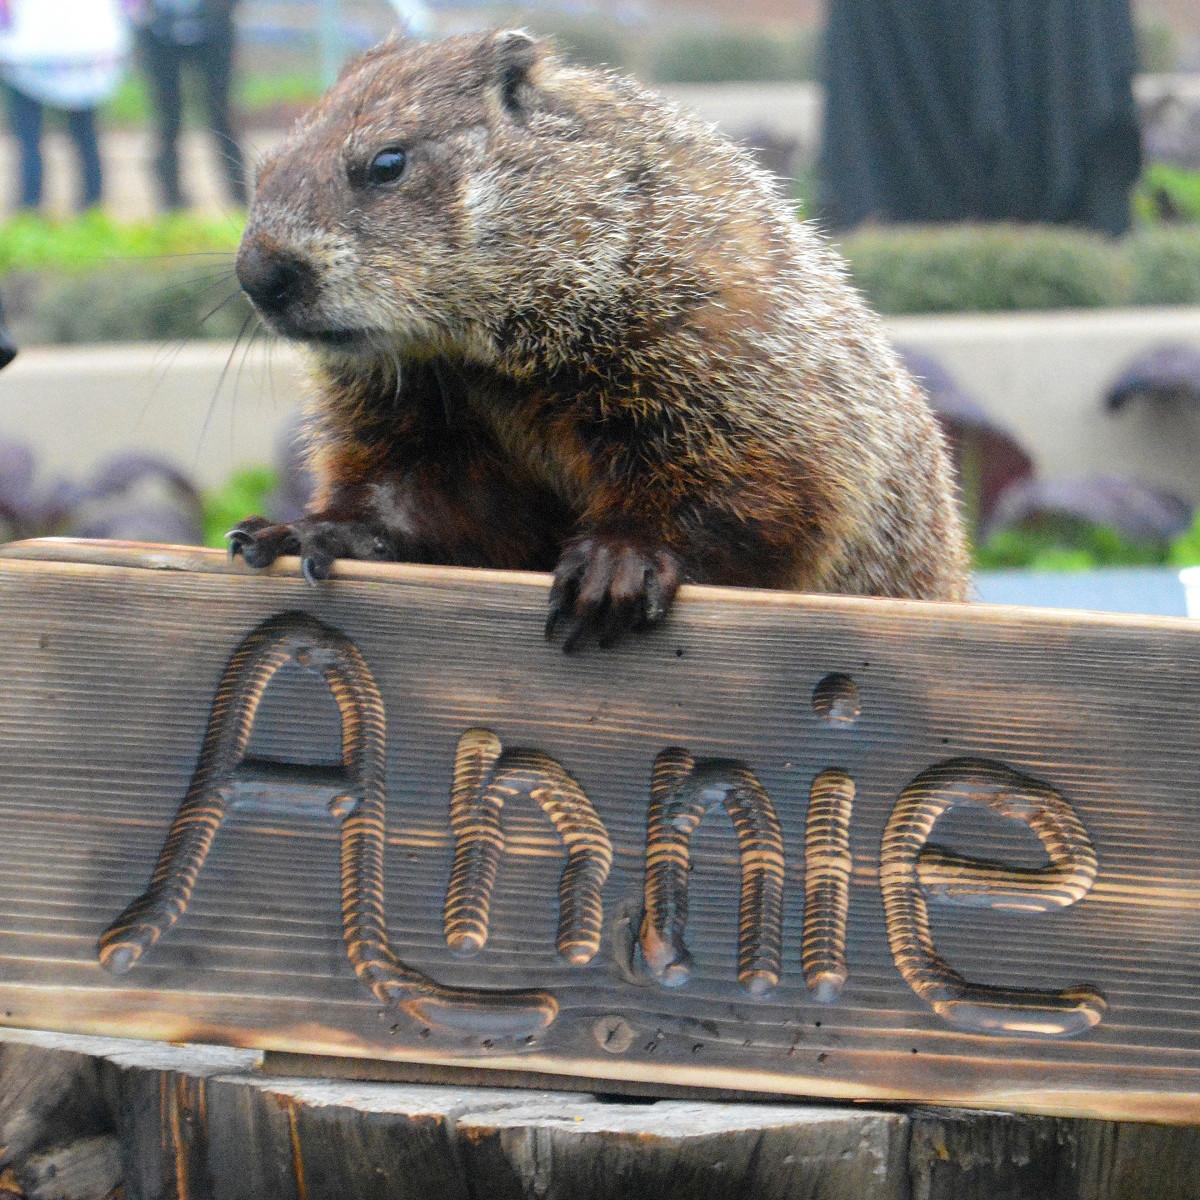 Arboretum Annie